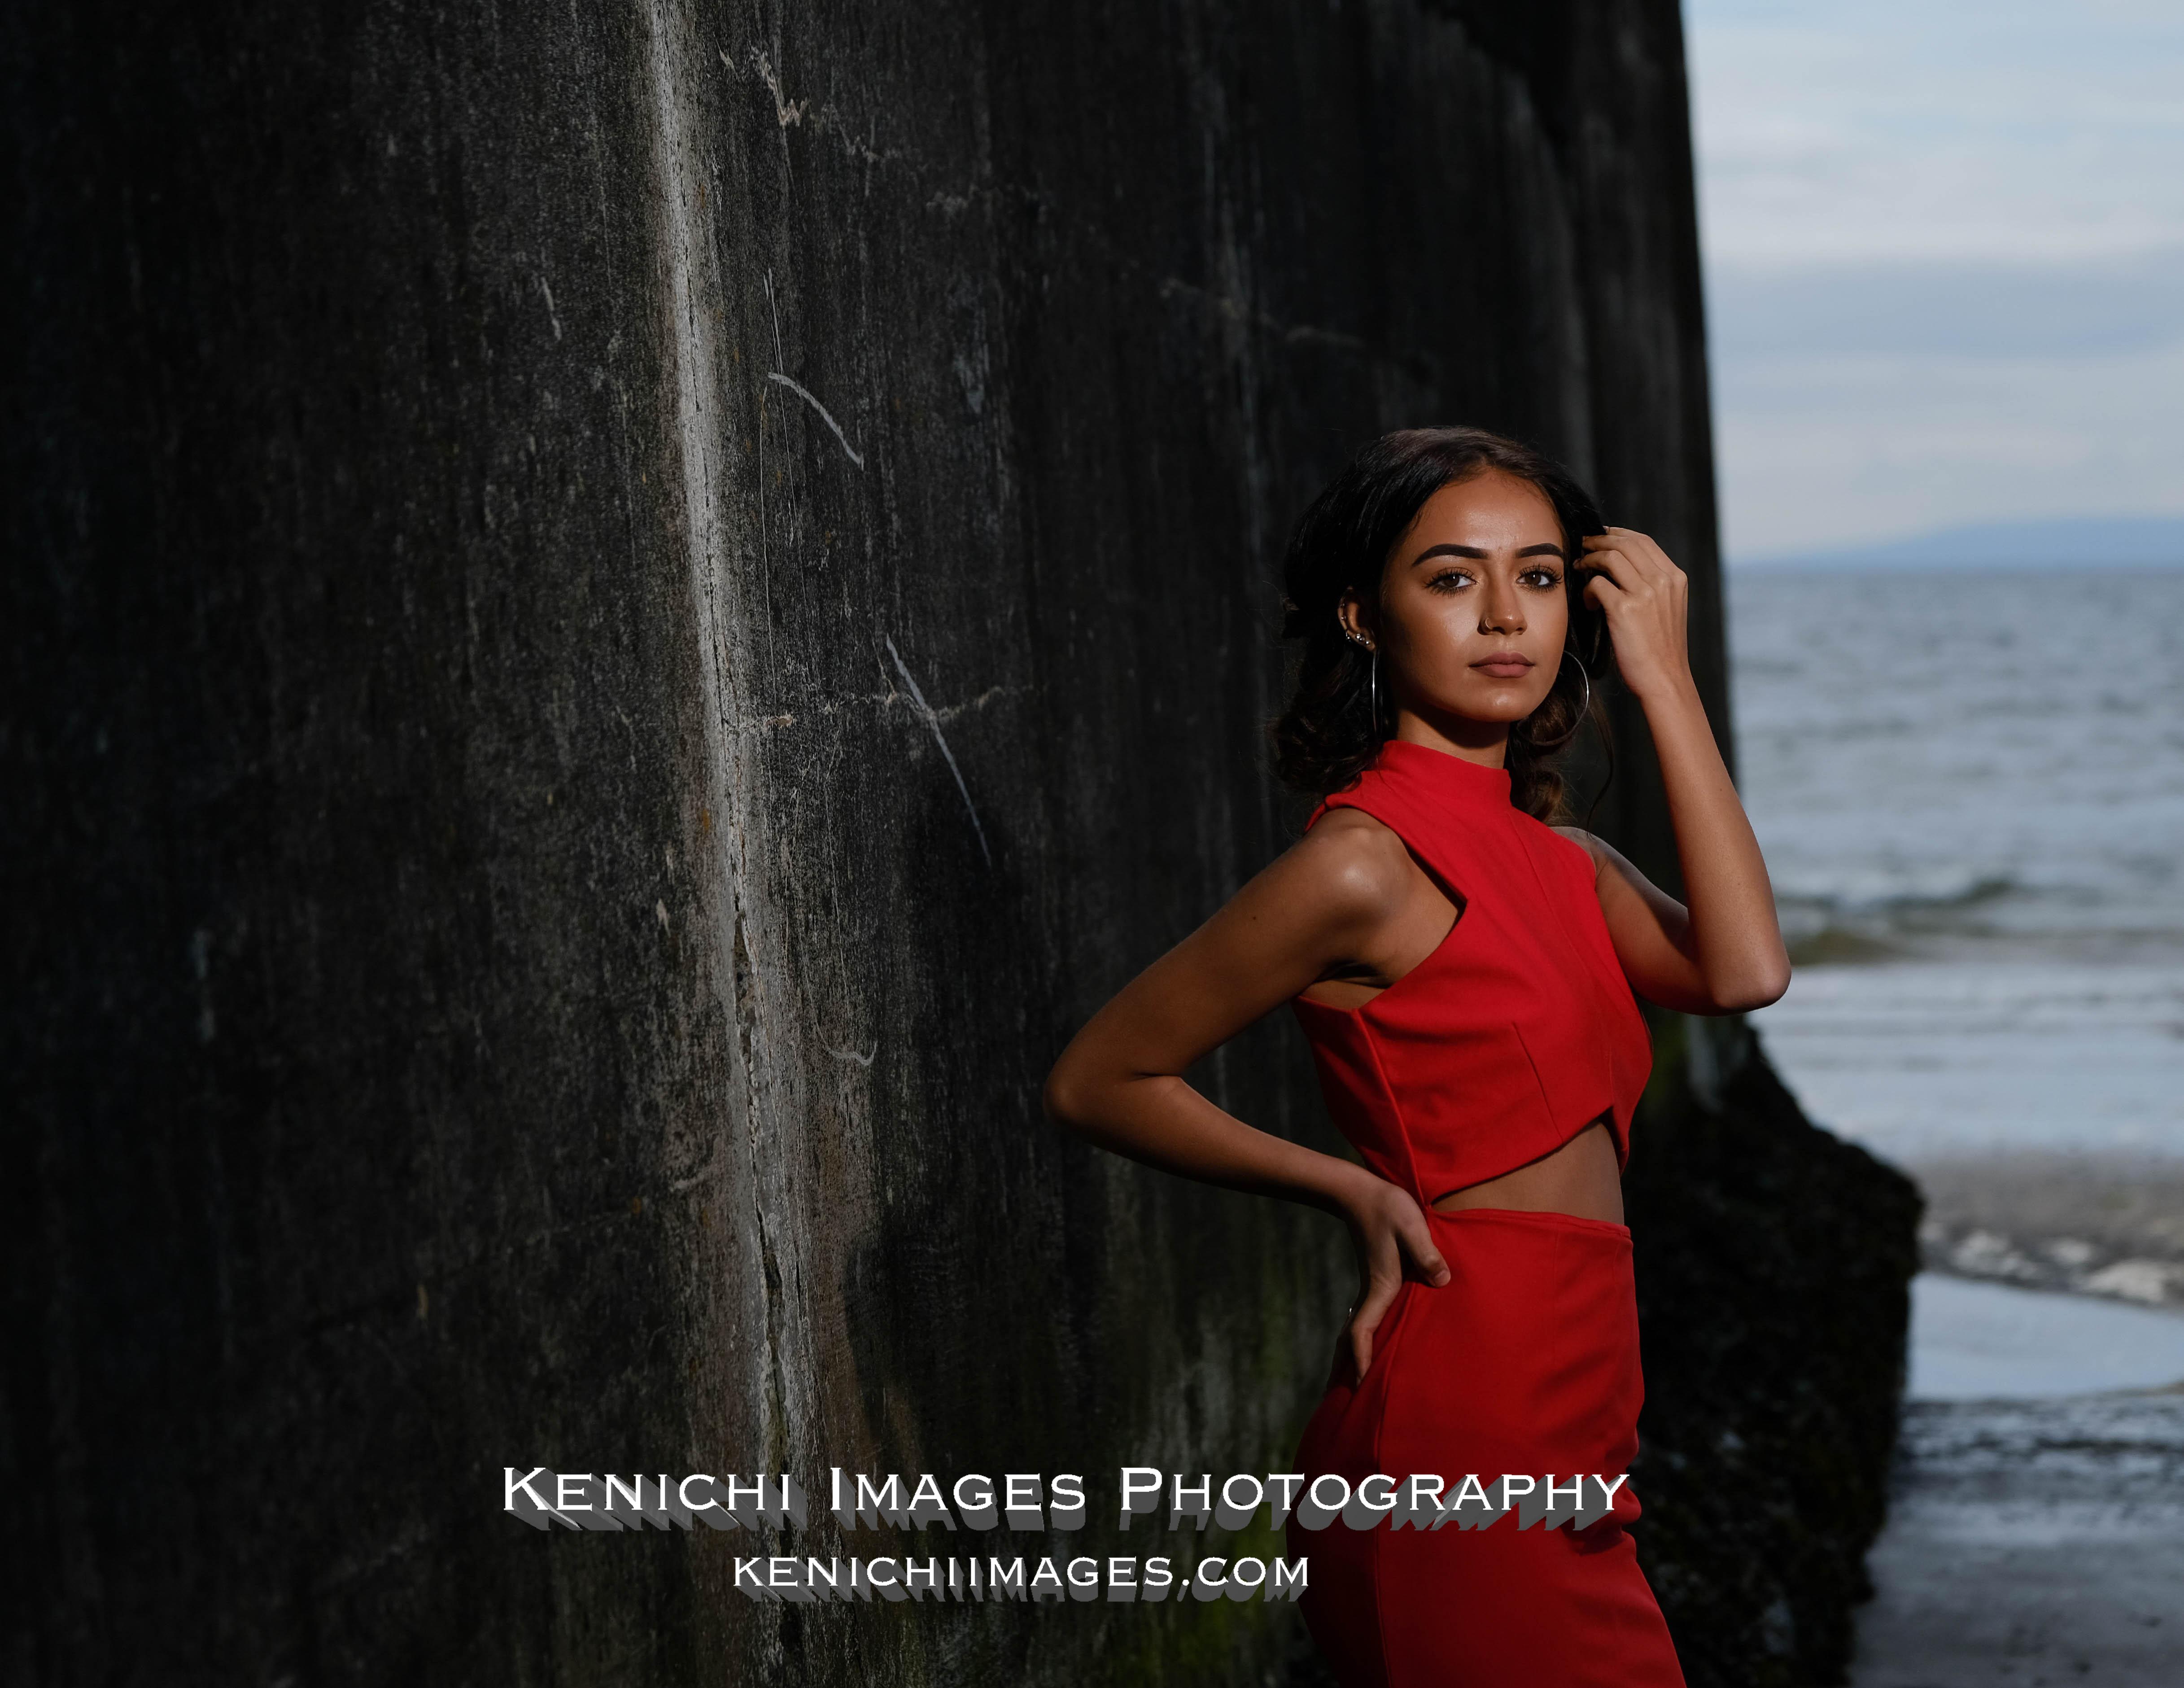 Kenichi images photography